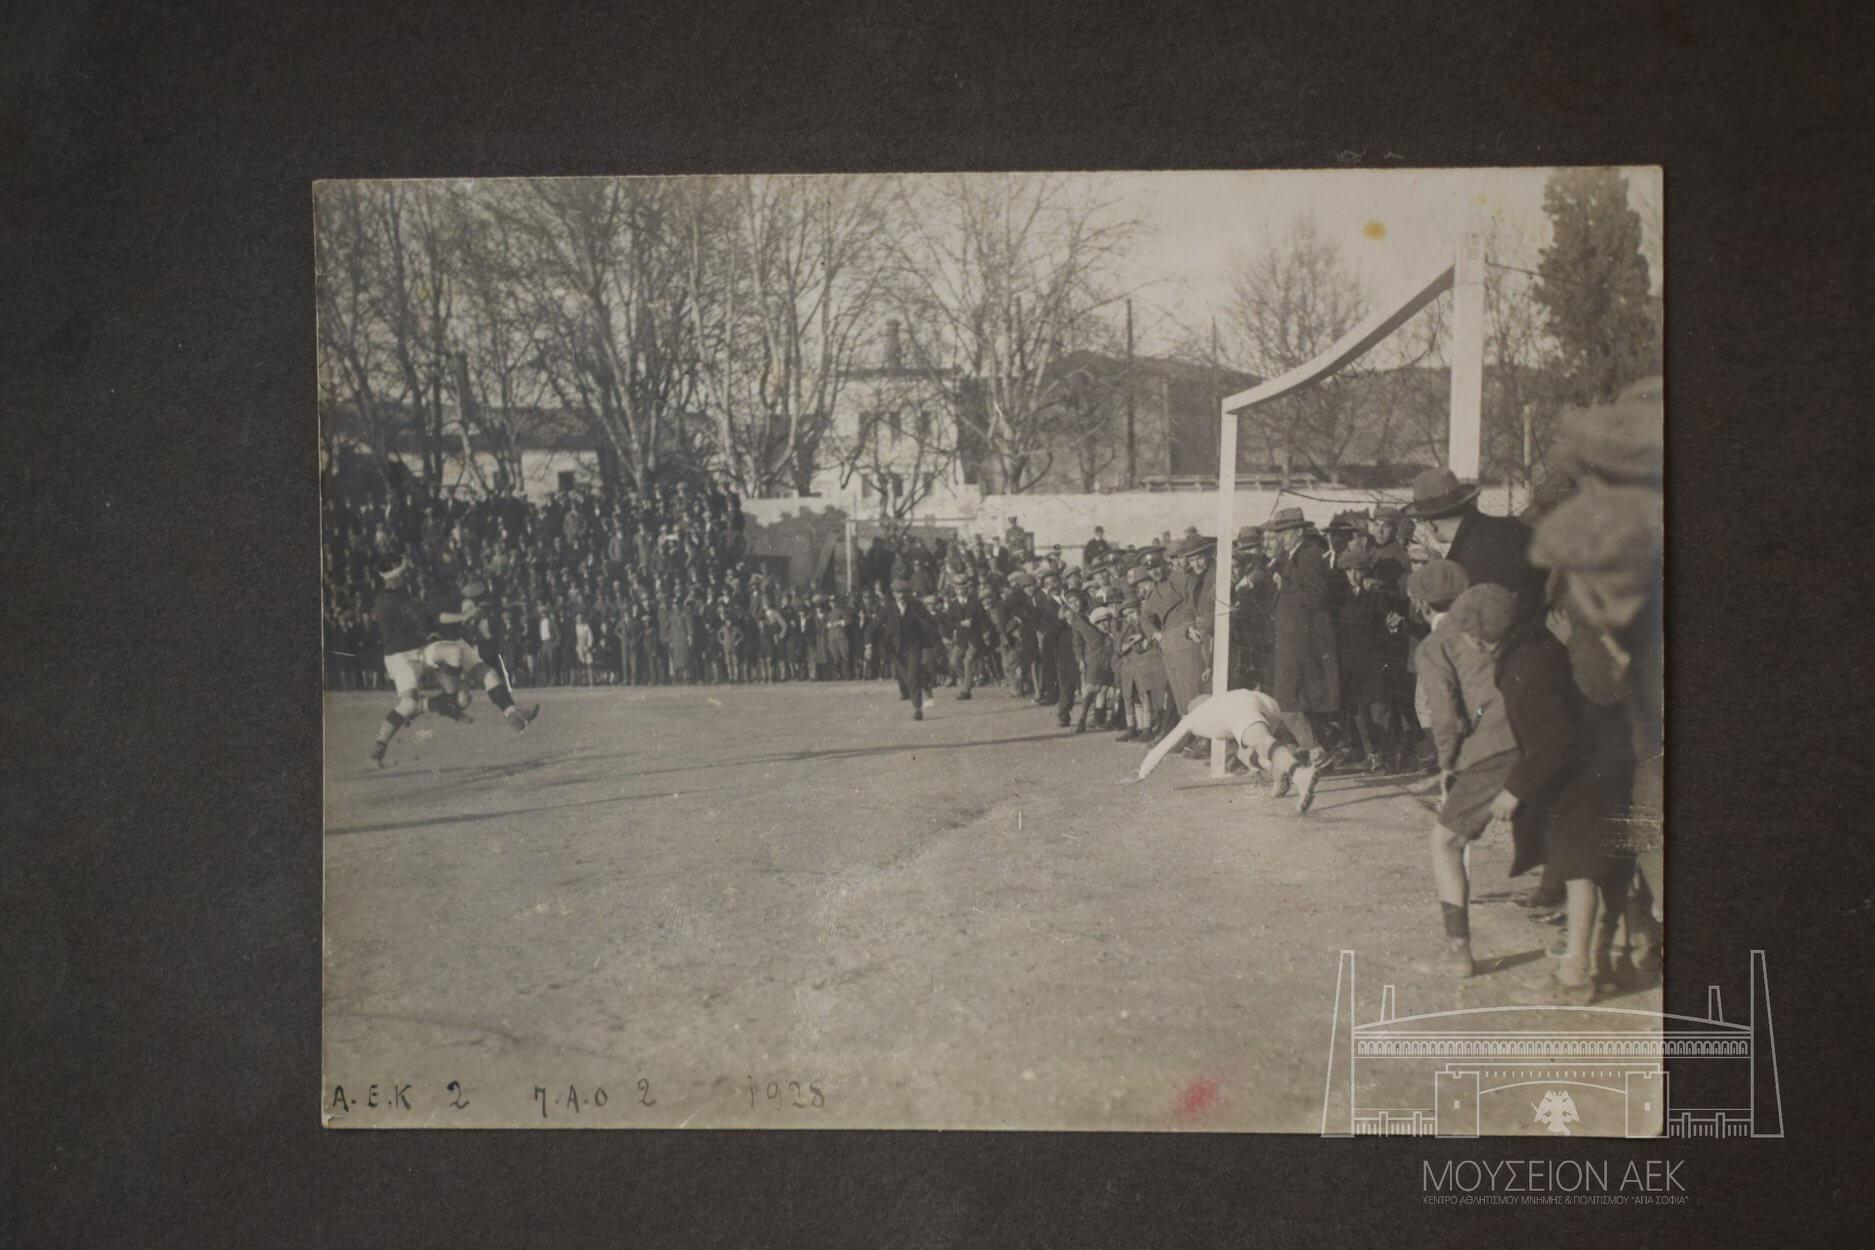 ΑΕΚ: Στα χέρια της το αρχείο του θρυλικού Κώστα Νεγρεπόντη! pics